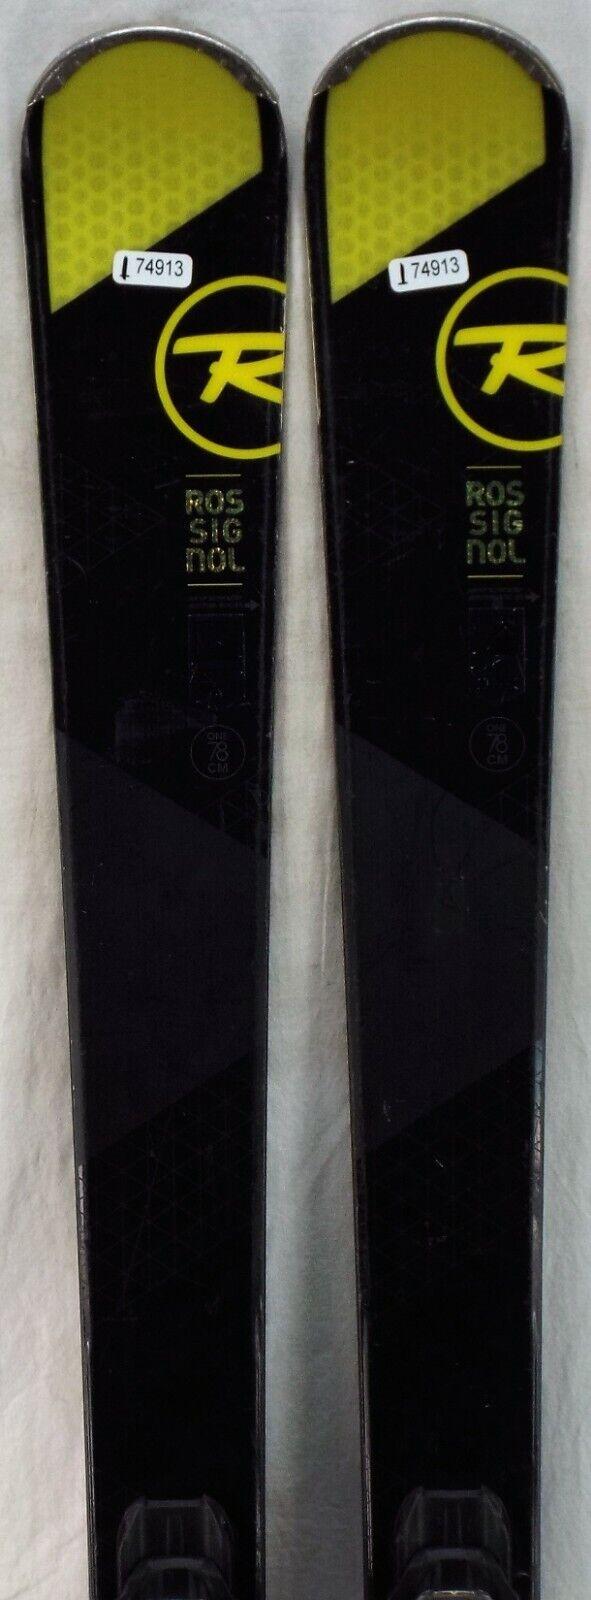 15-16 Rossignol Experience 84 Gebruikte mannen's Demo Skis w Binngs afmeting 178cm 35;174913